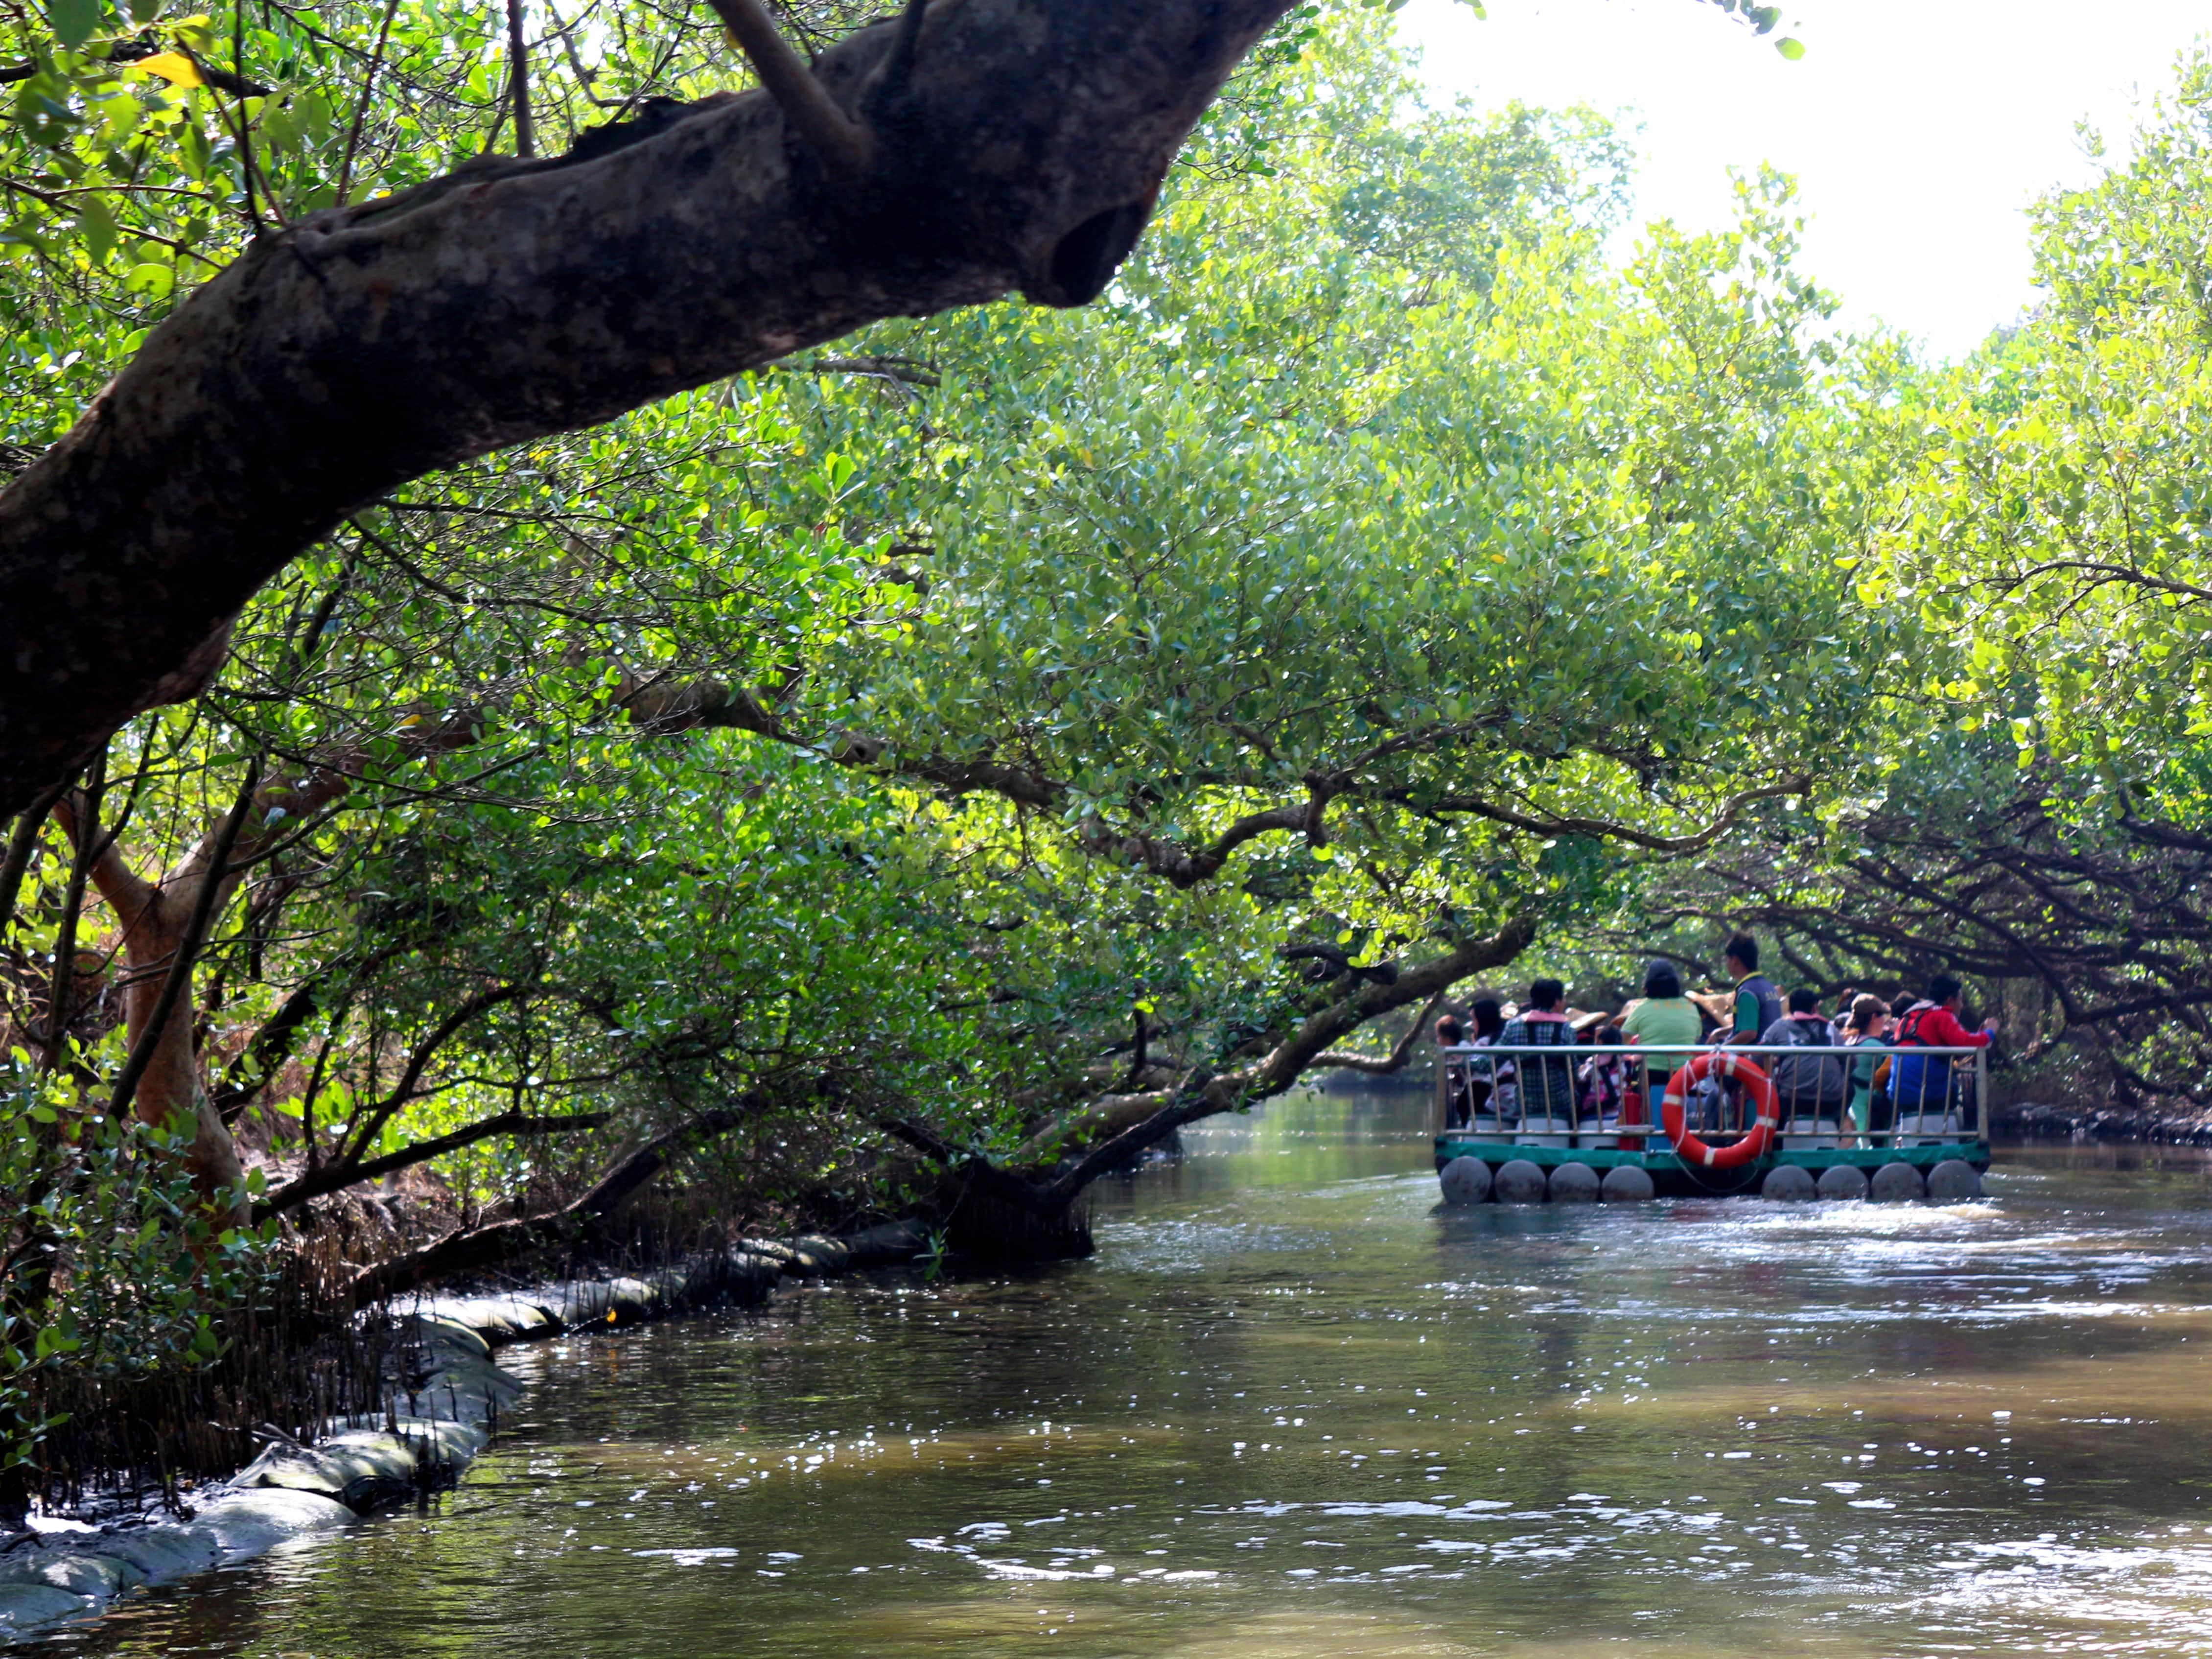 台南市街郊外のおすすめ観光スポット「四草綠色隧道」のマングローブトンネルを通る小船